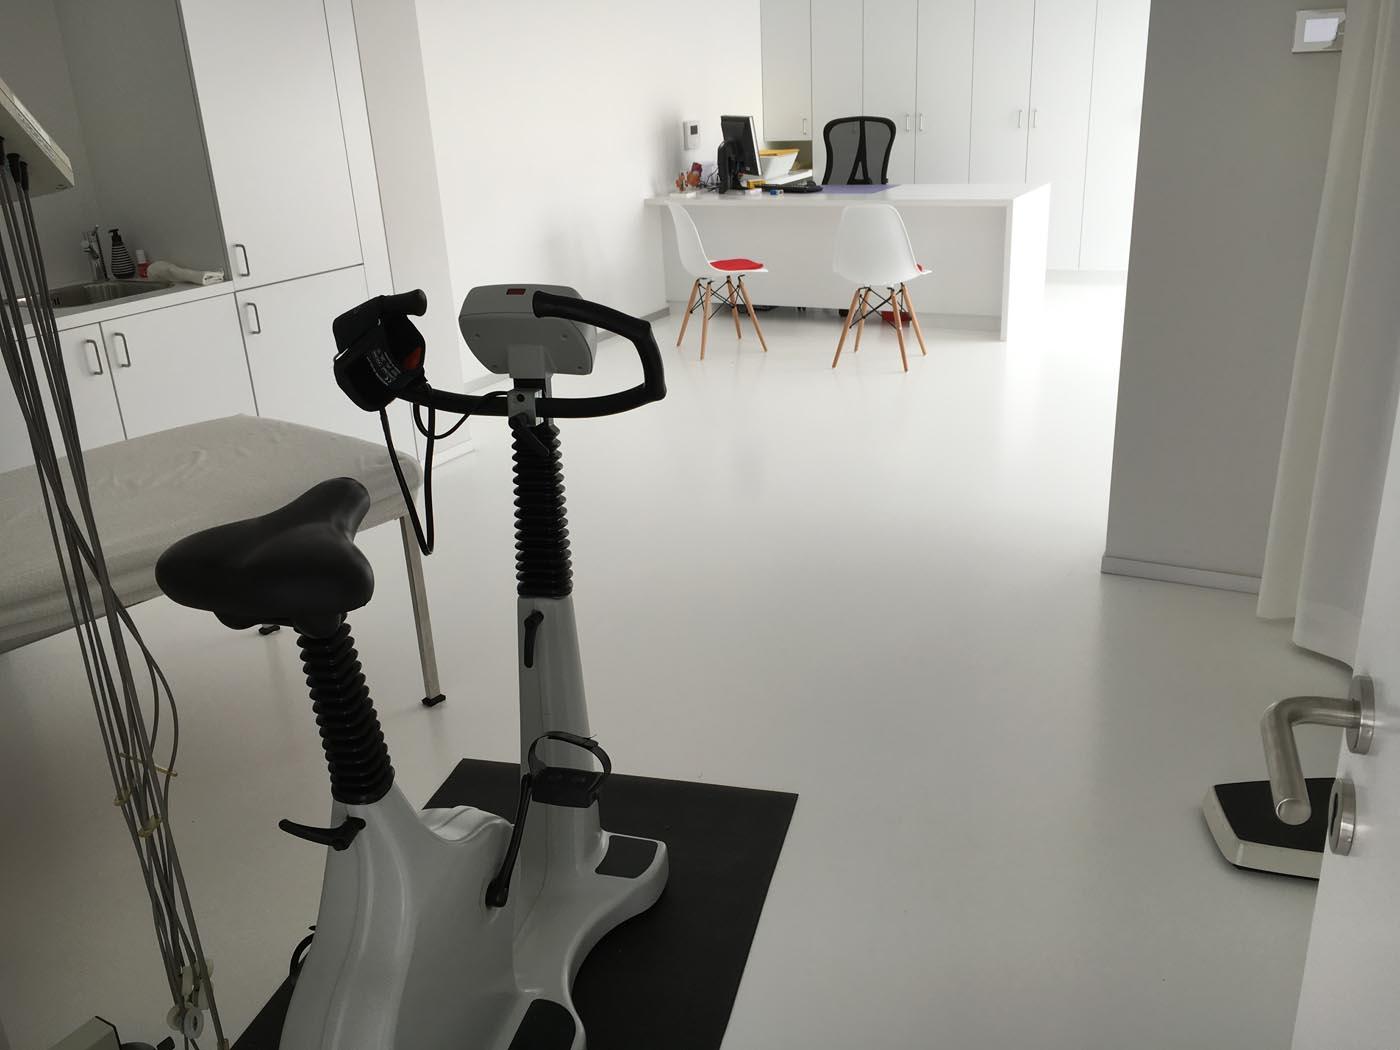 PU gietvloer - dokterspraktijk renovatie